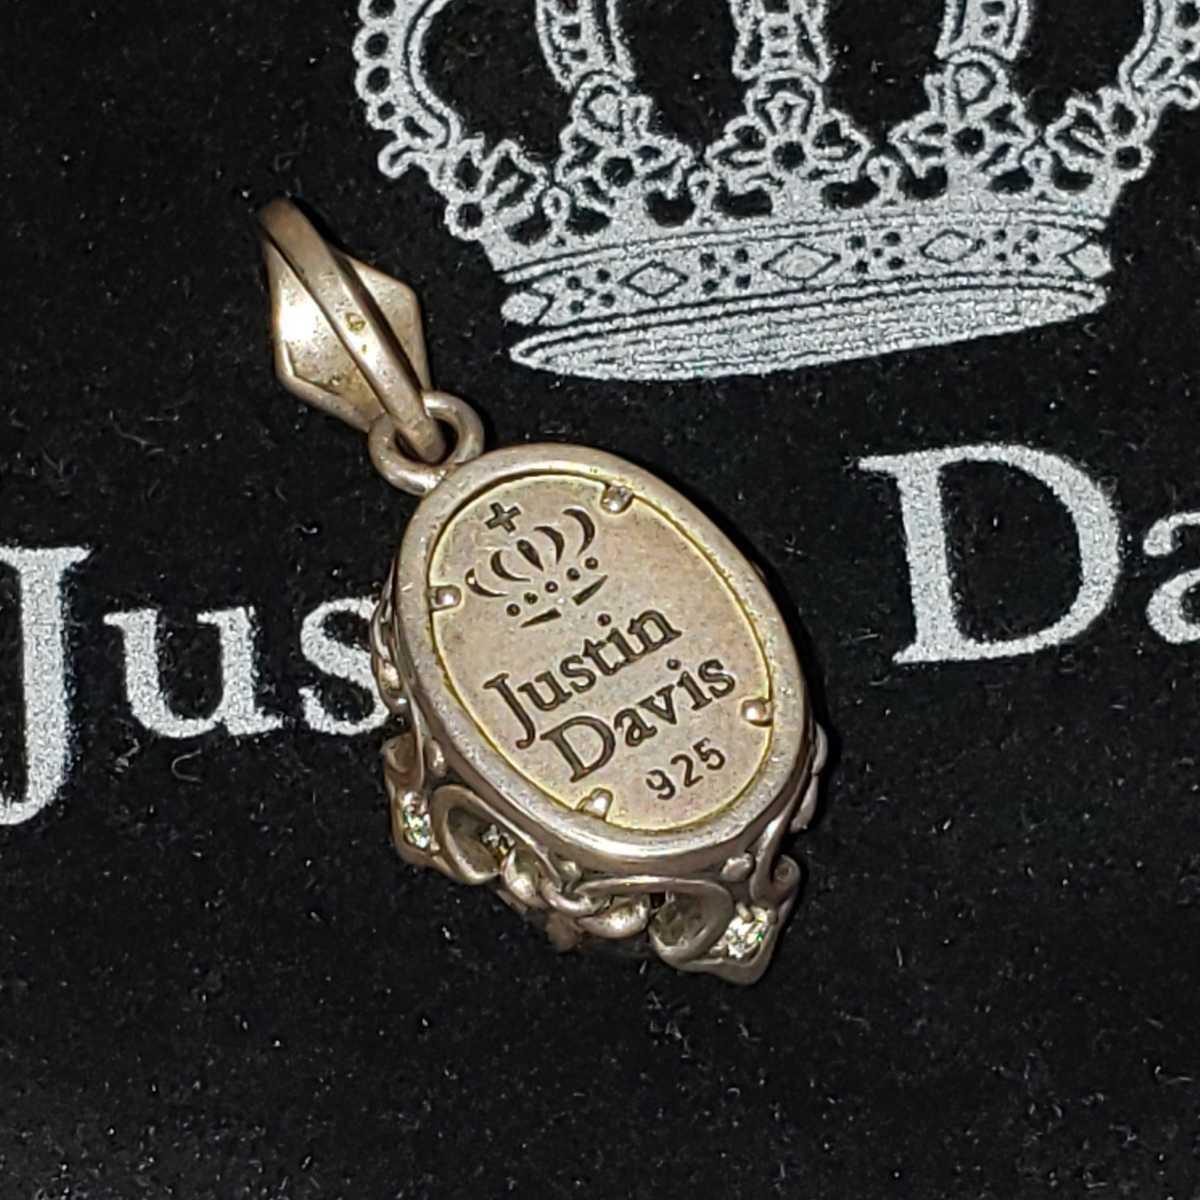 (ギャラ有)正規品◆美品 Justin Davis ジャスティンデイビス 大粒ジルコニア&シルバー925 ペンダントトップ_画像4